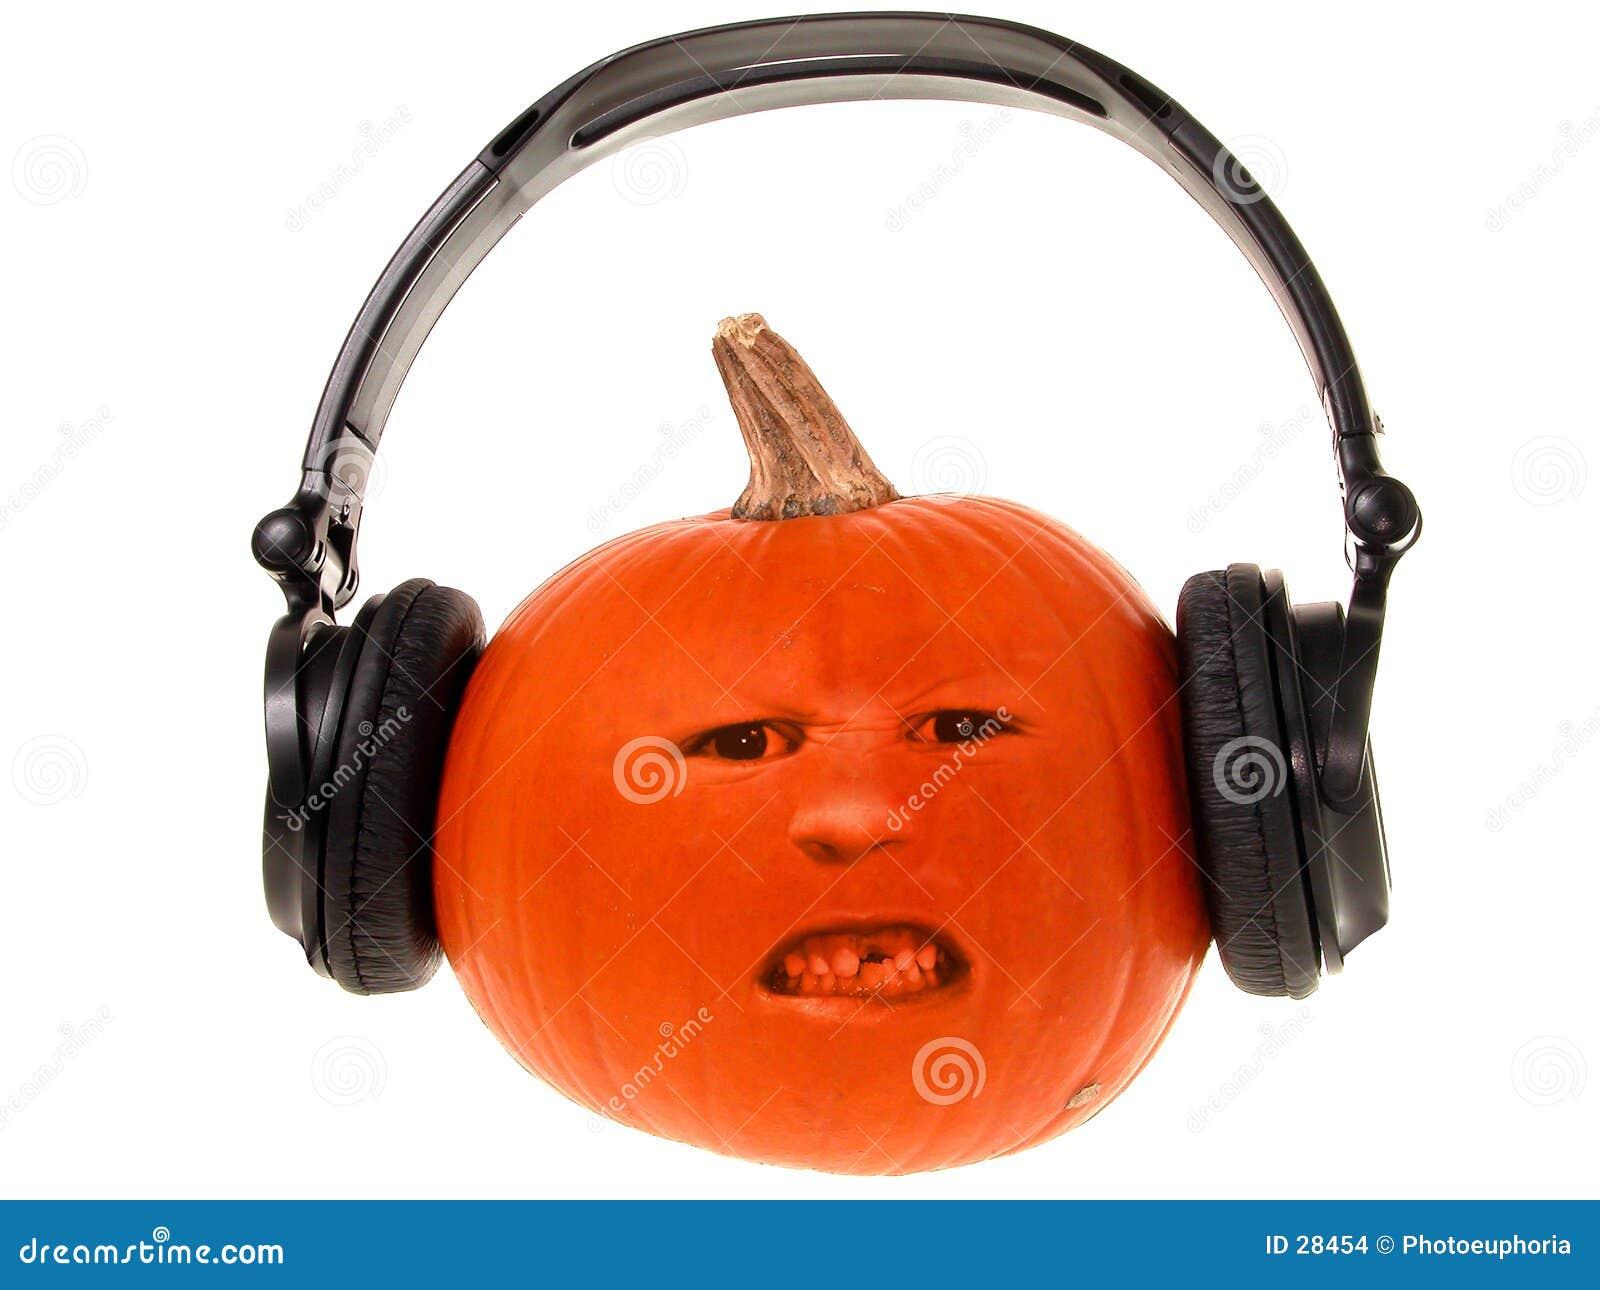 Pumpa för 2 head hörlurar